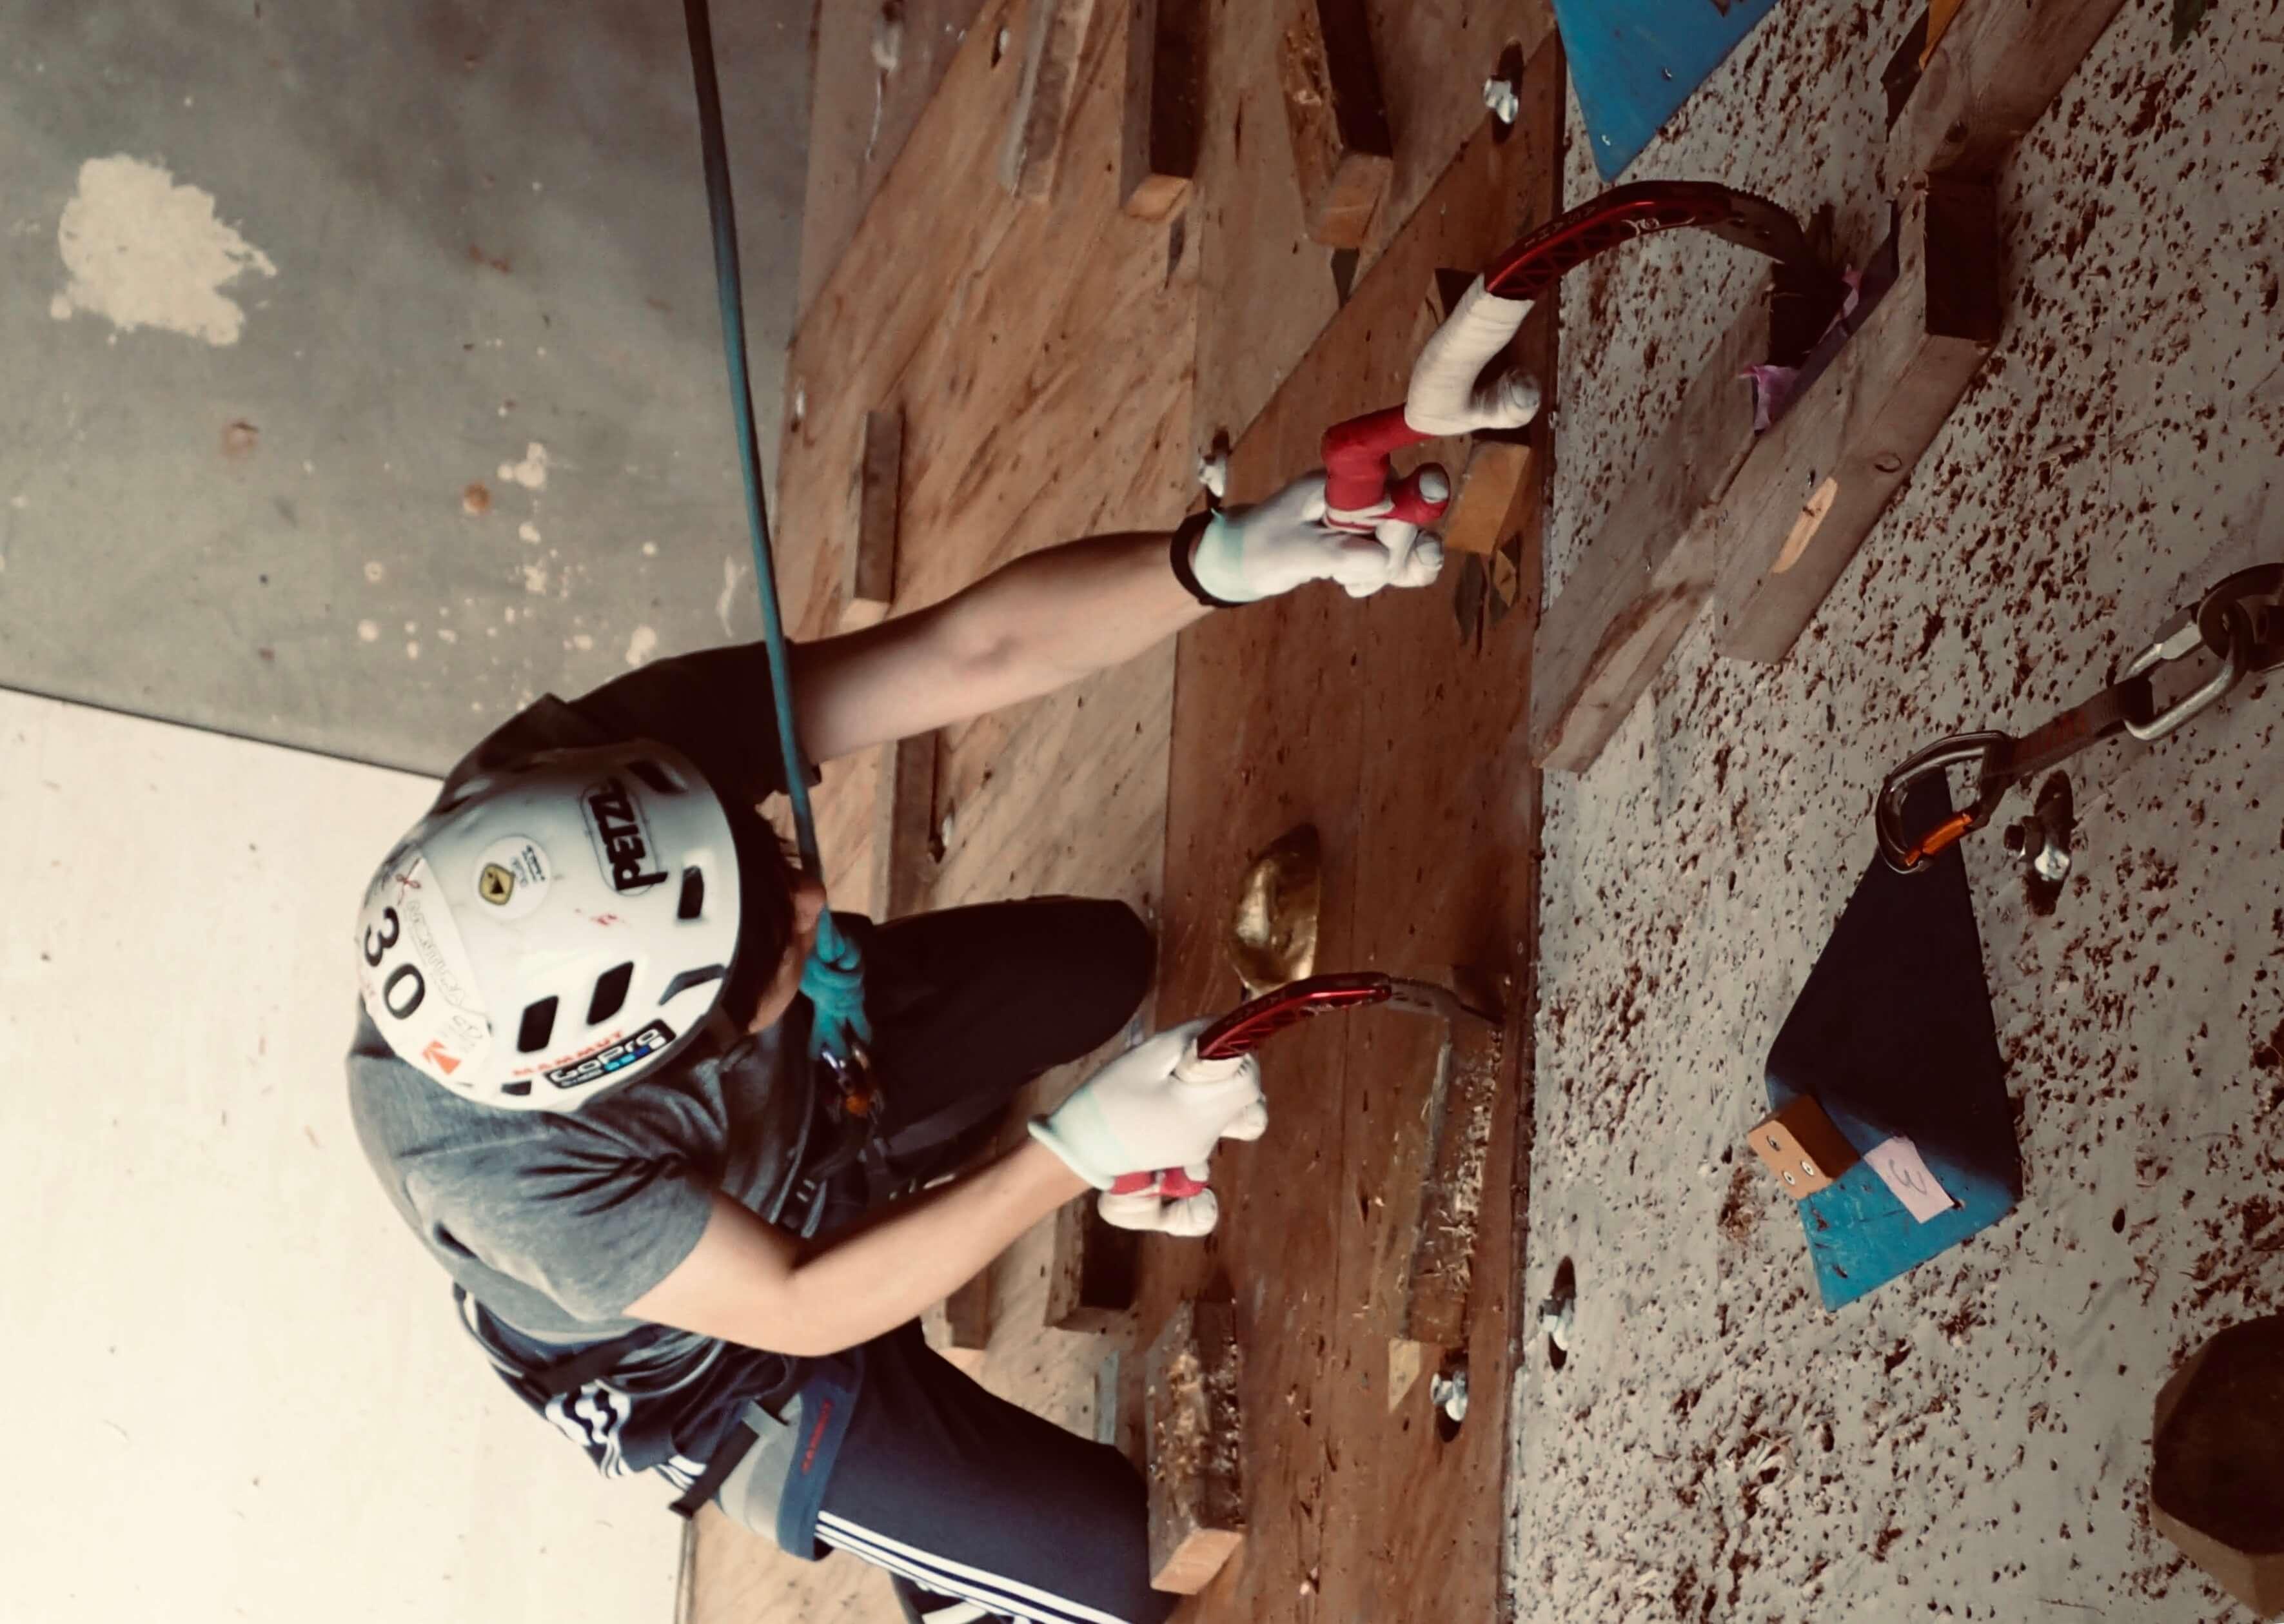 第2回ビギナーズキャンプin岩根山荘〜ドライツーリング練習会〜【イベントレポート】